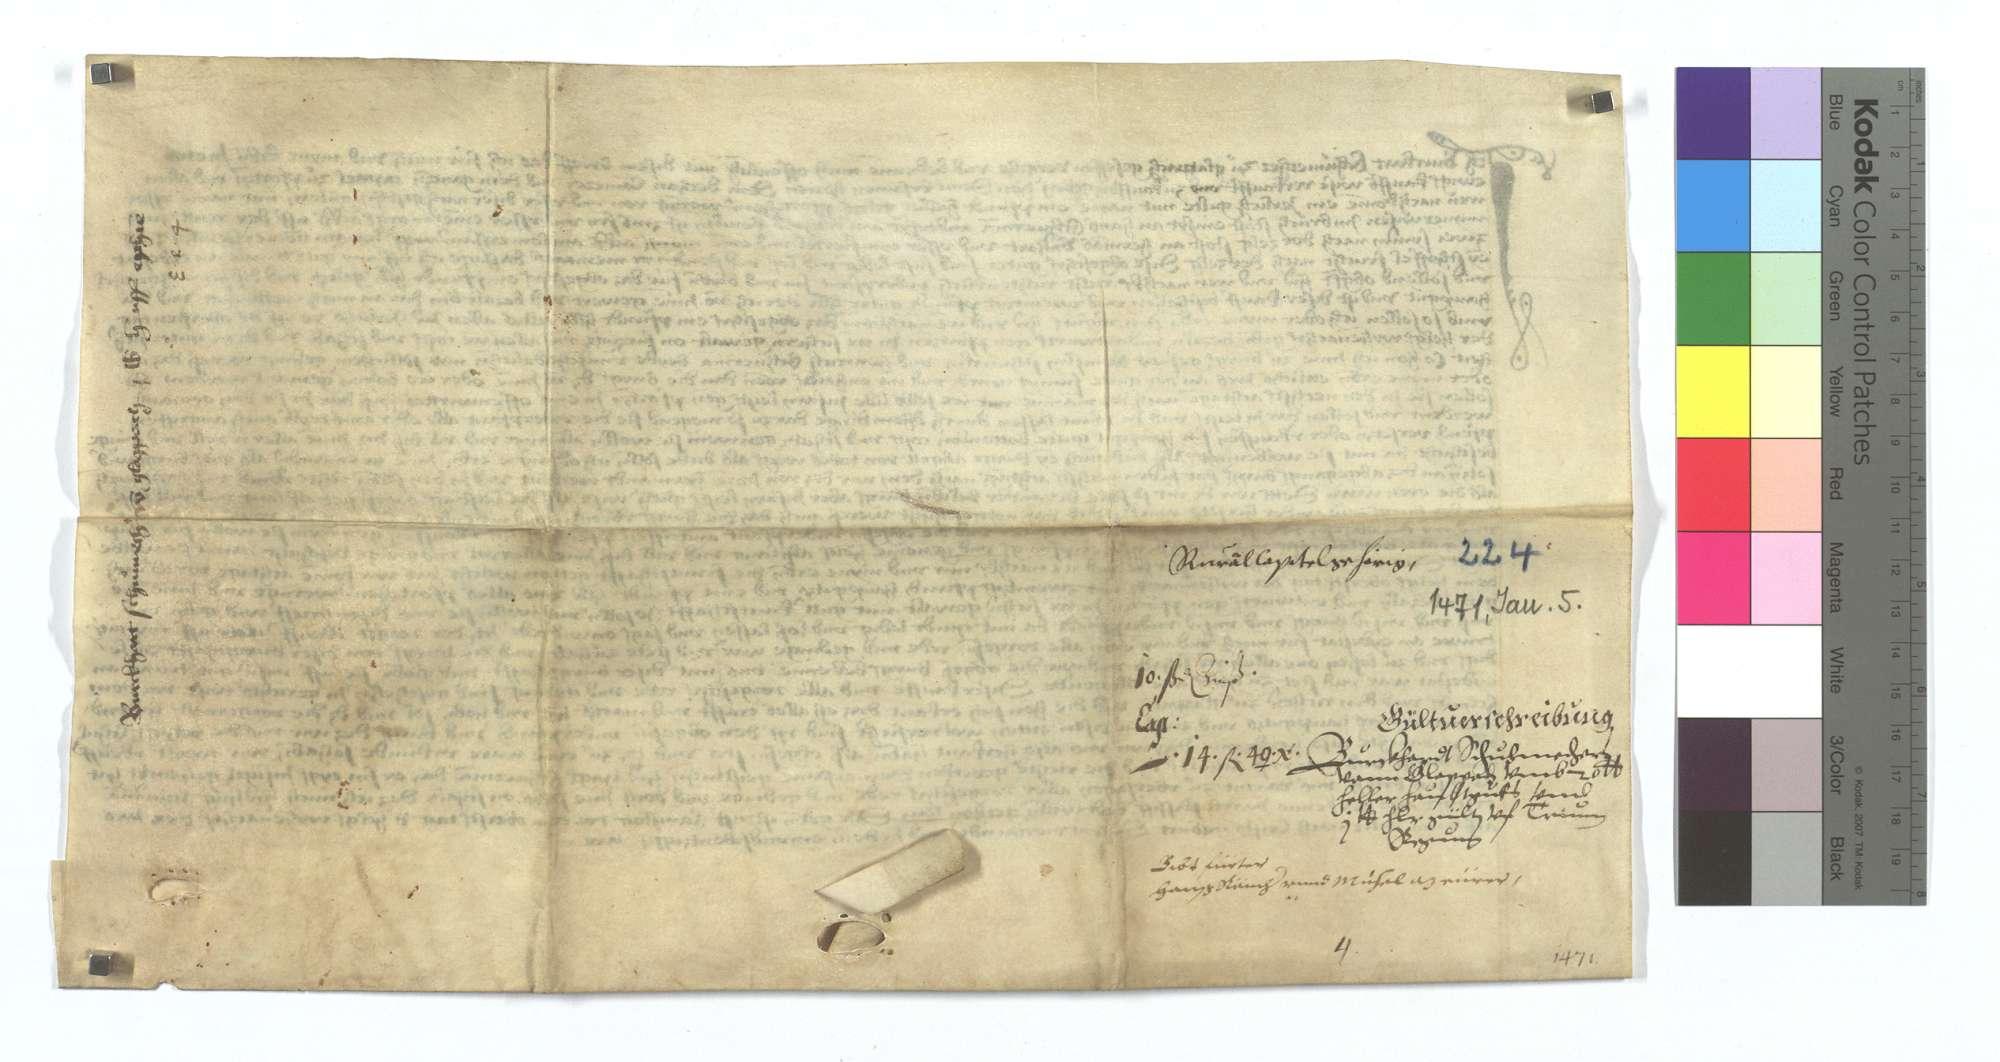 Gültbrief Burkart Schumachers von Glattbach (Glapach) gegen das Kapitel von Pforzheim., Rückseite